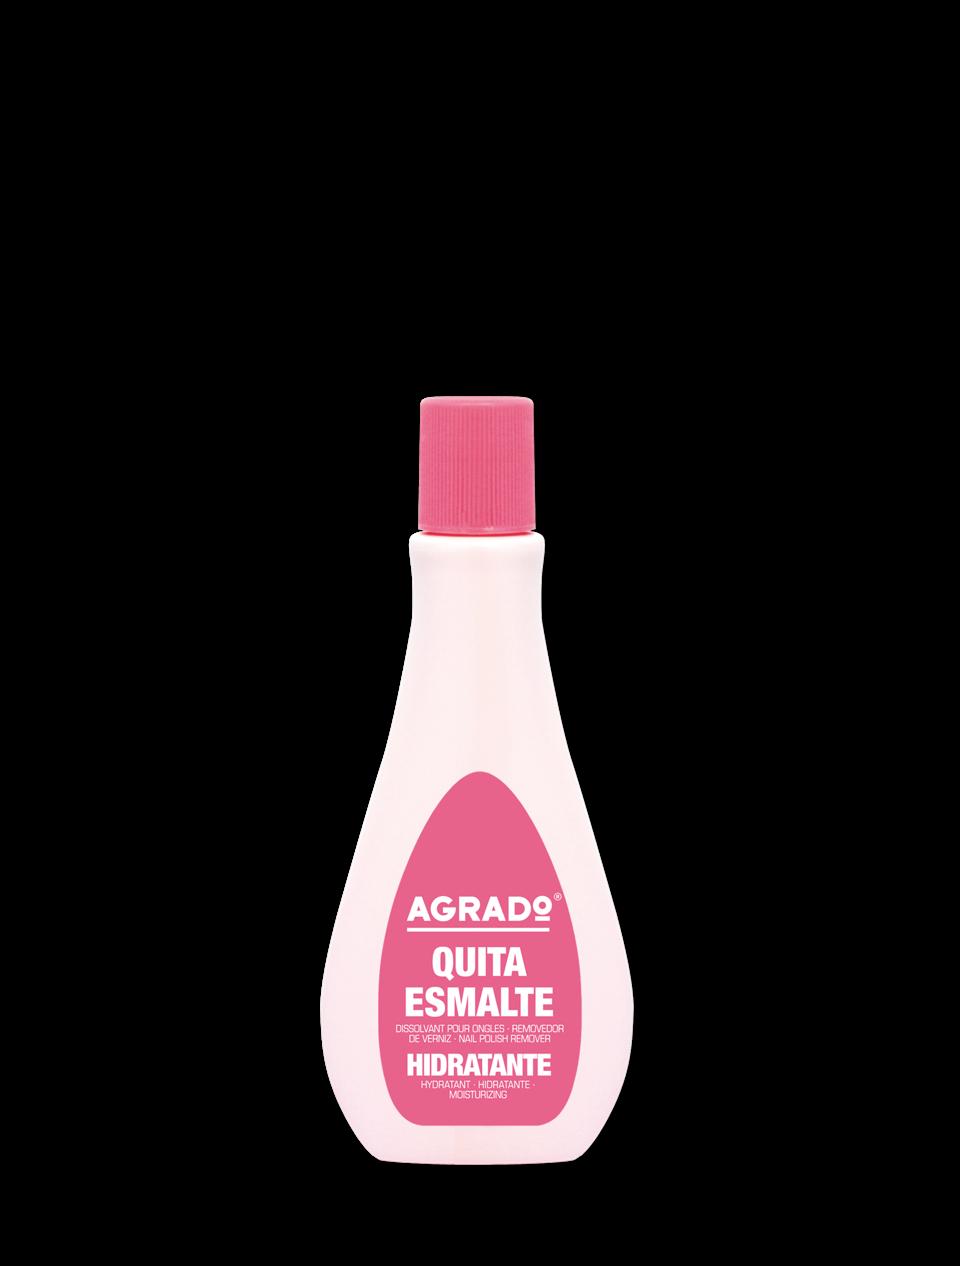 quitaesmalte-hidratante-agrado-4878